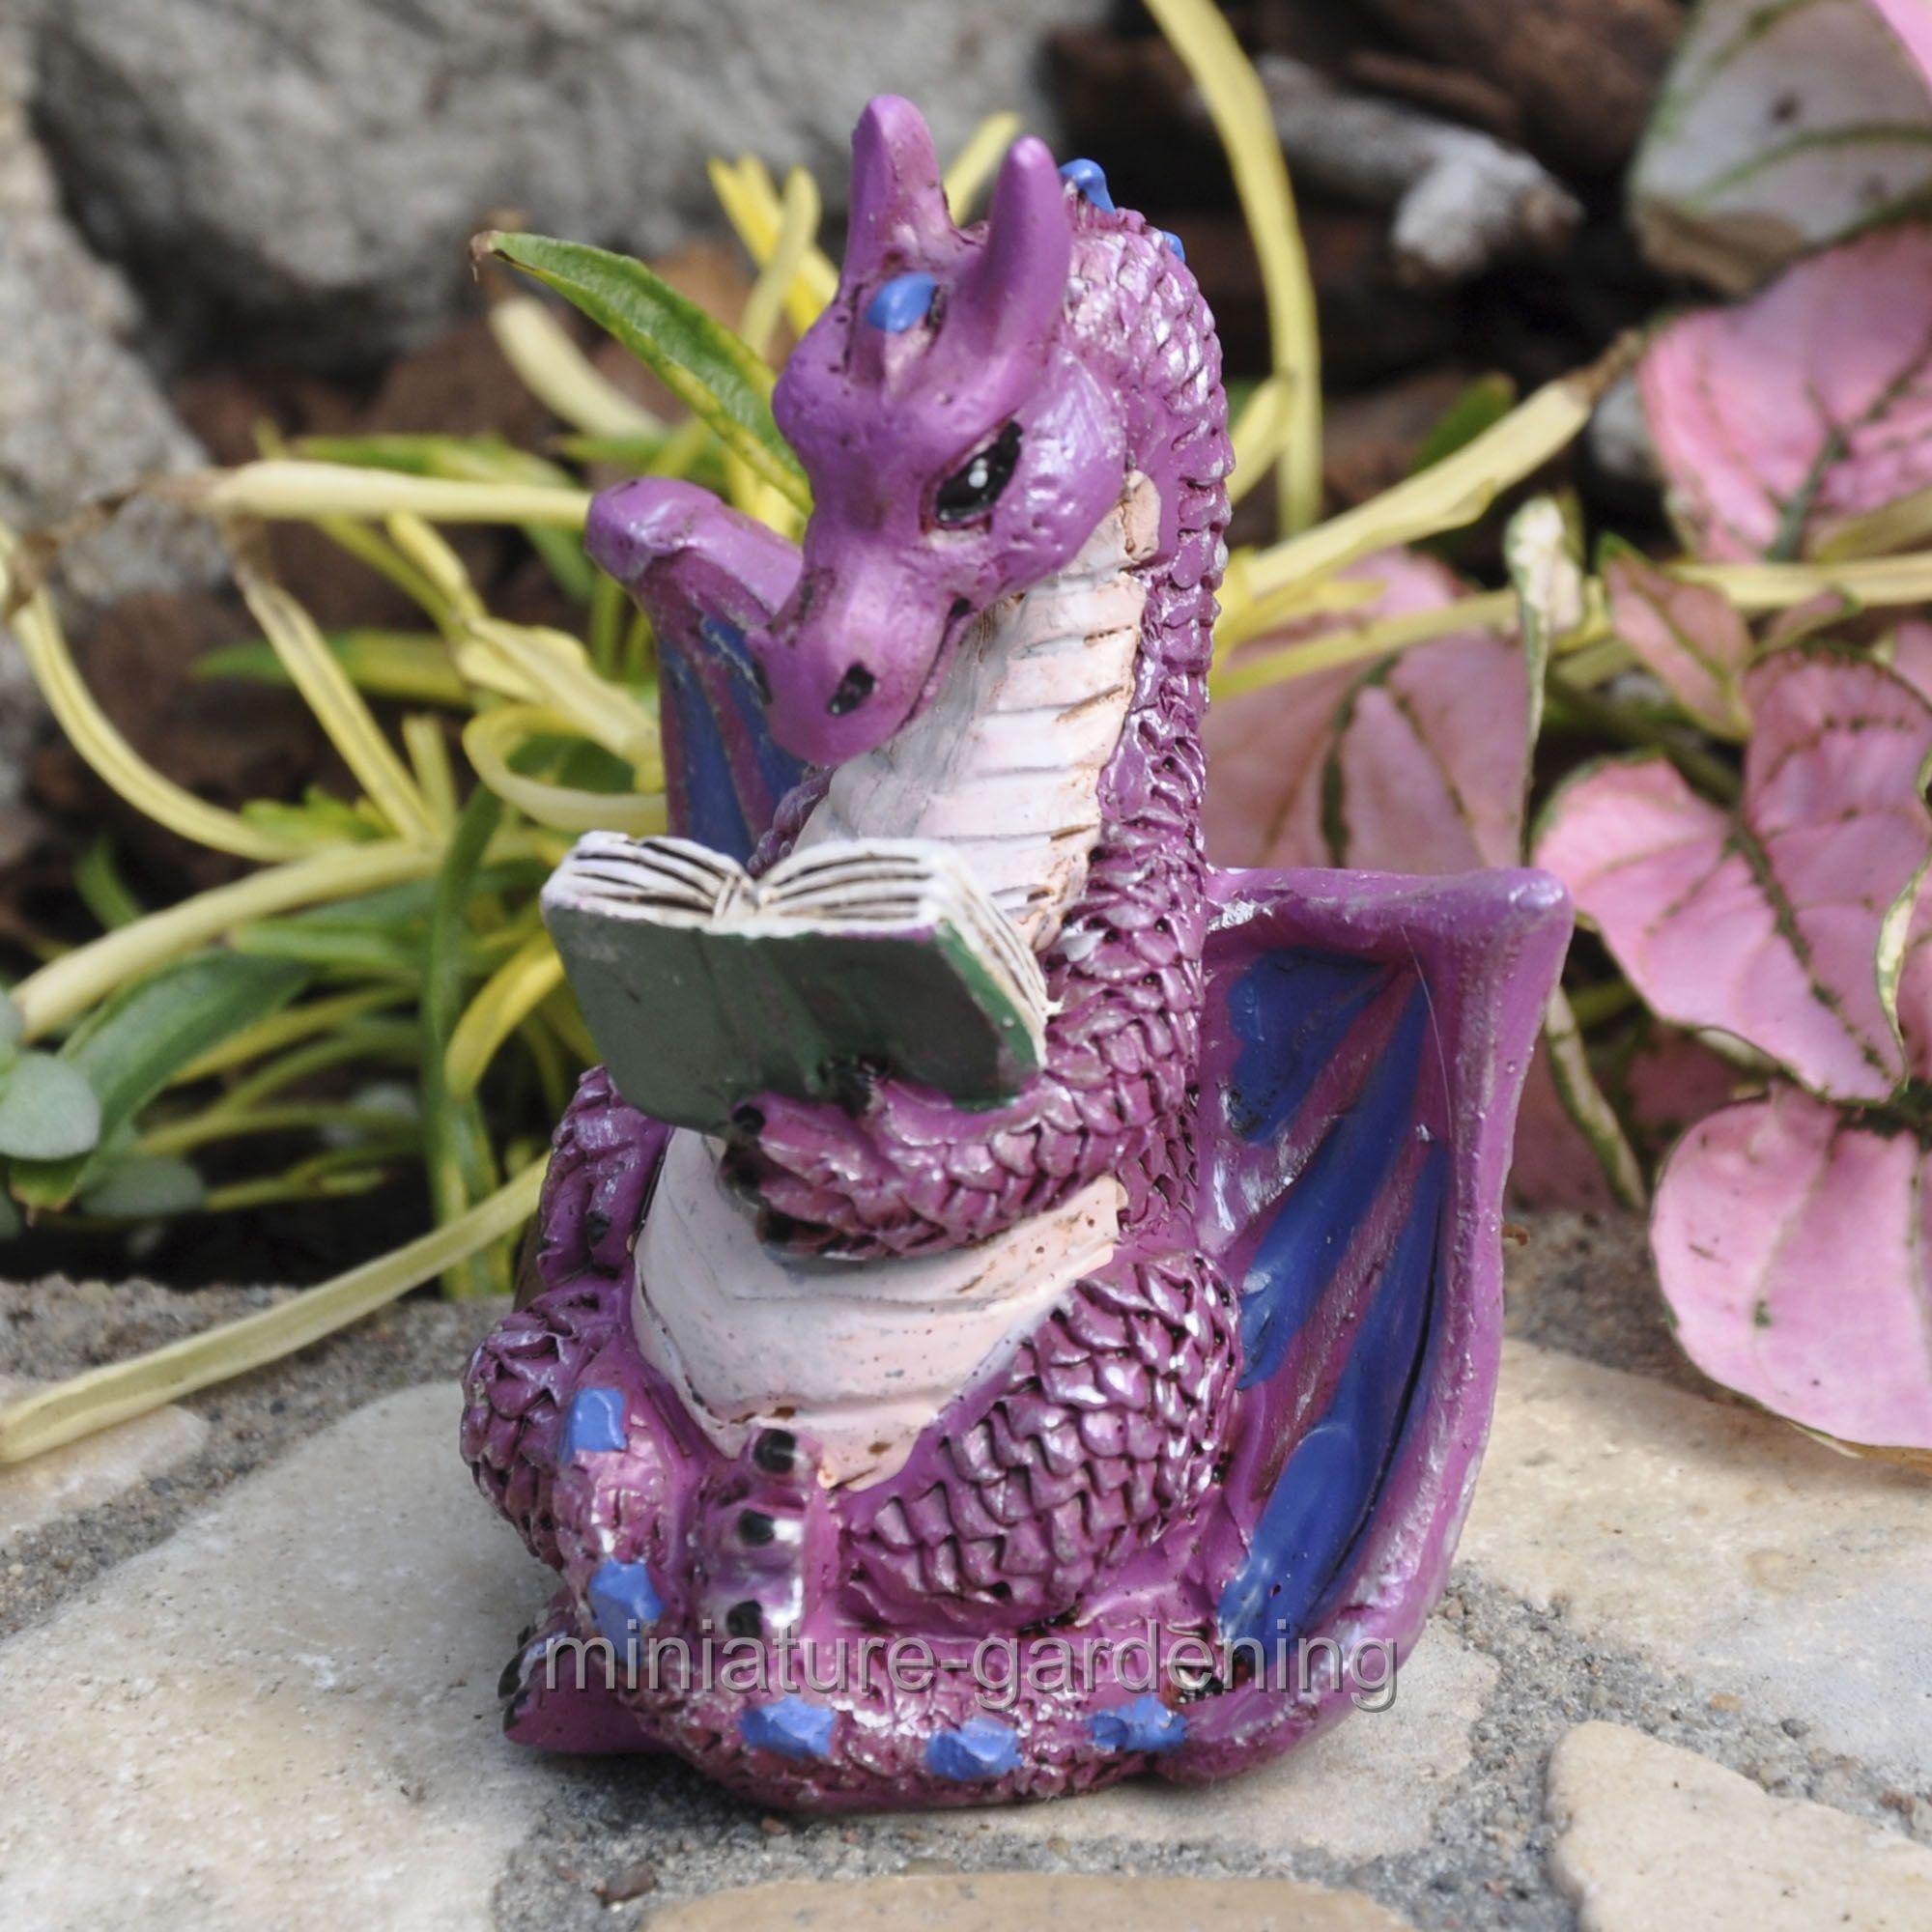 Miniature Reading Dragon for Miniature Garden, Fairy Garden